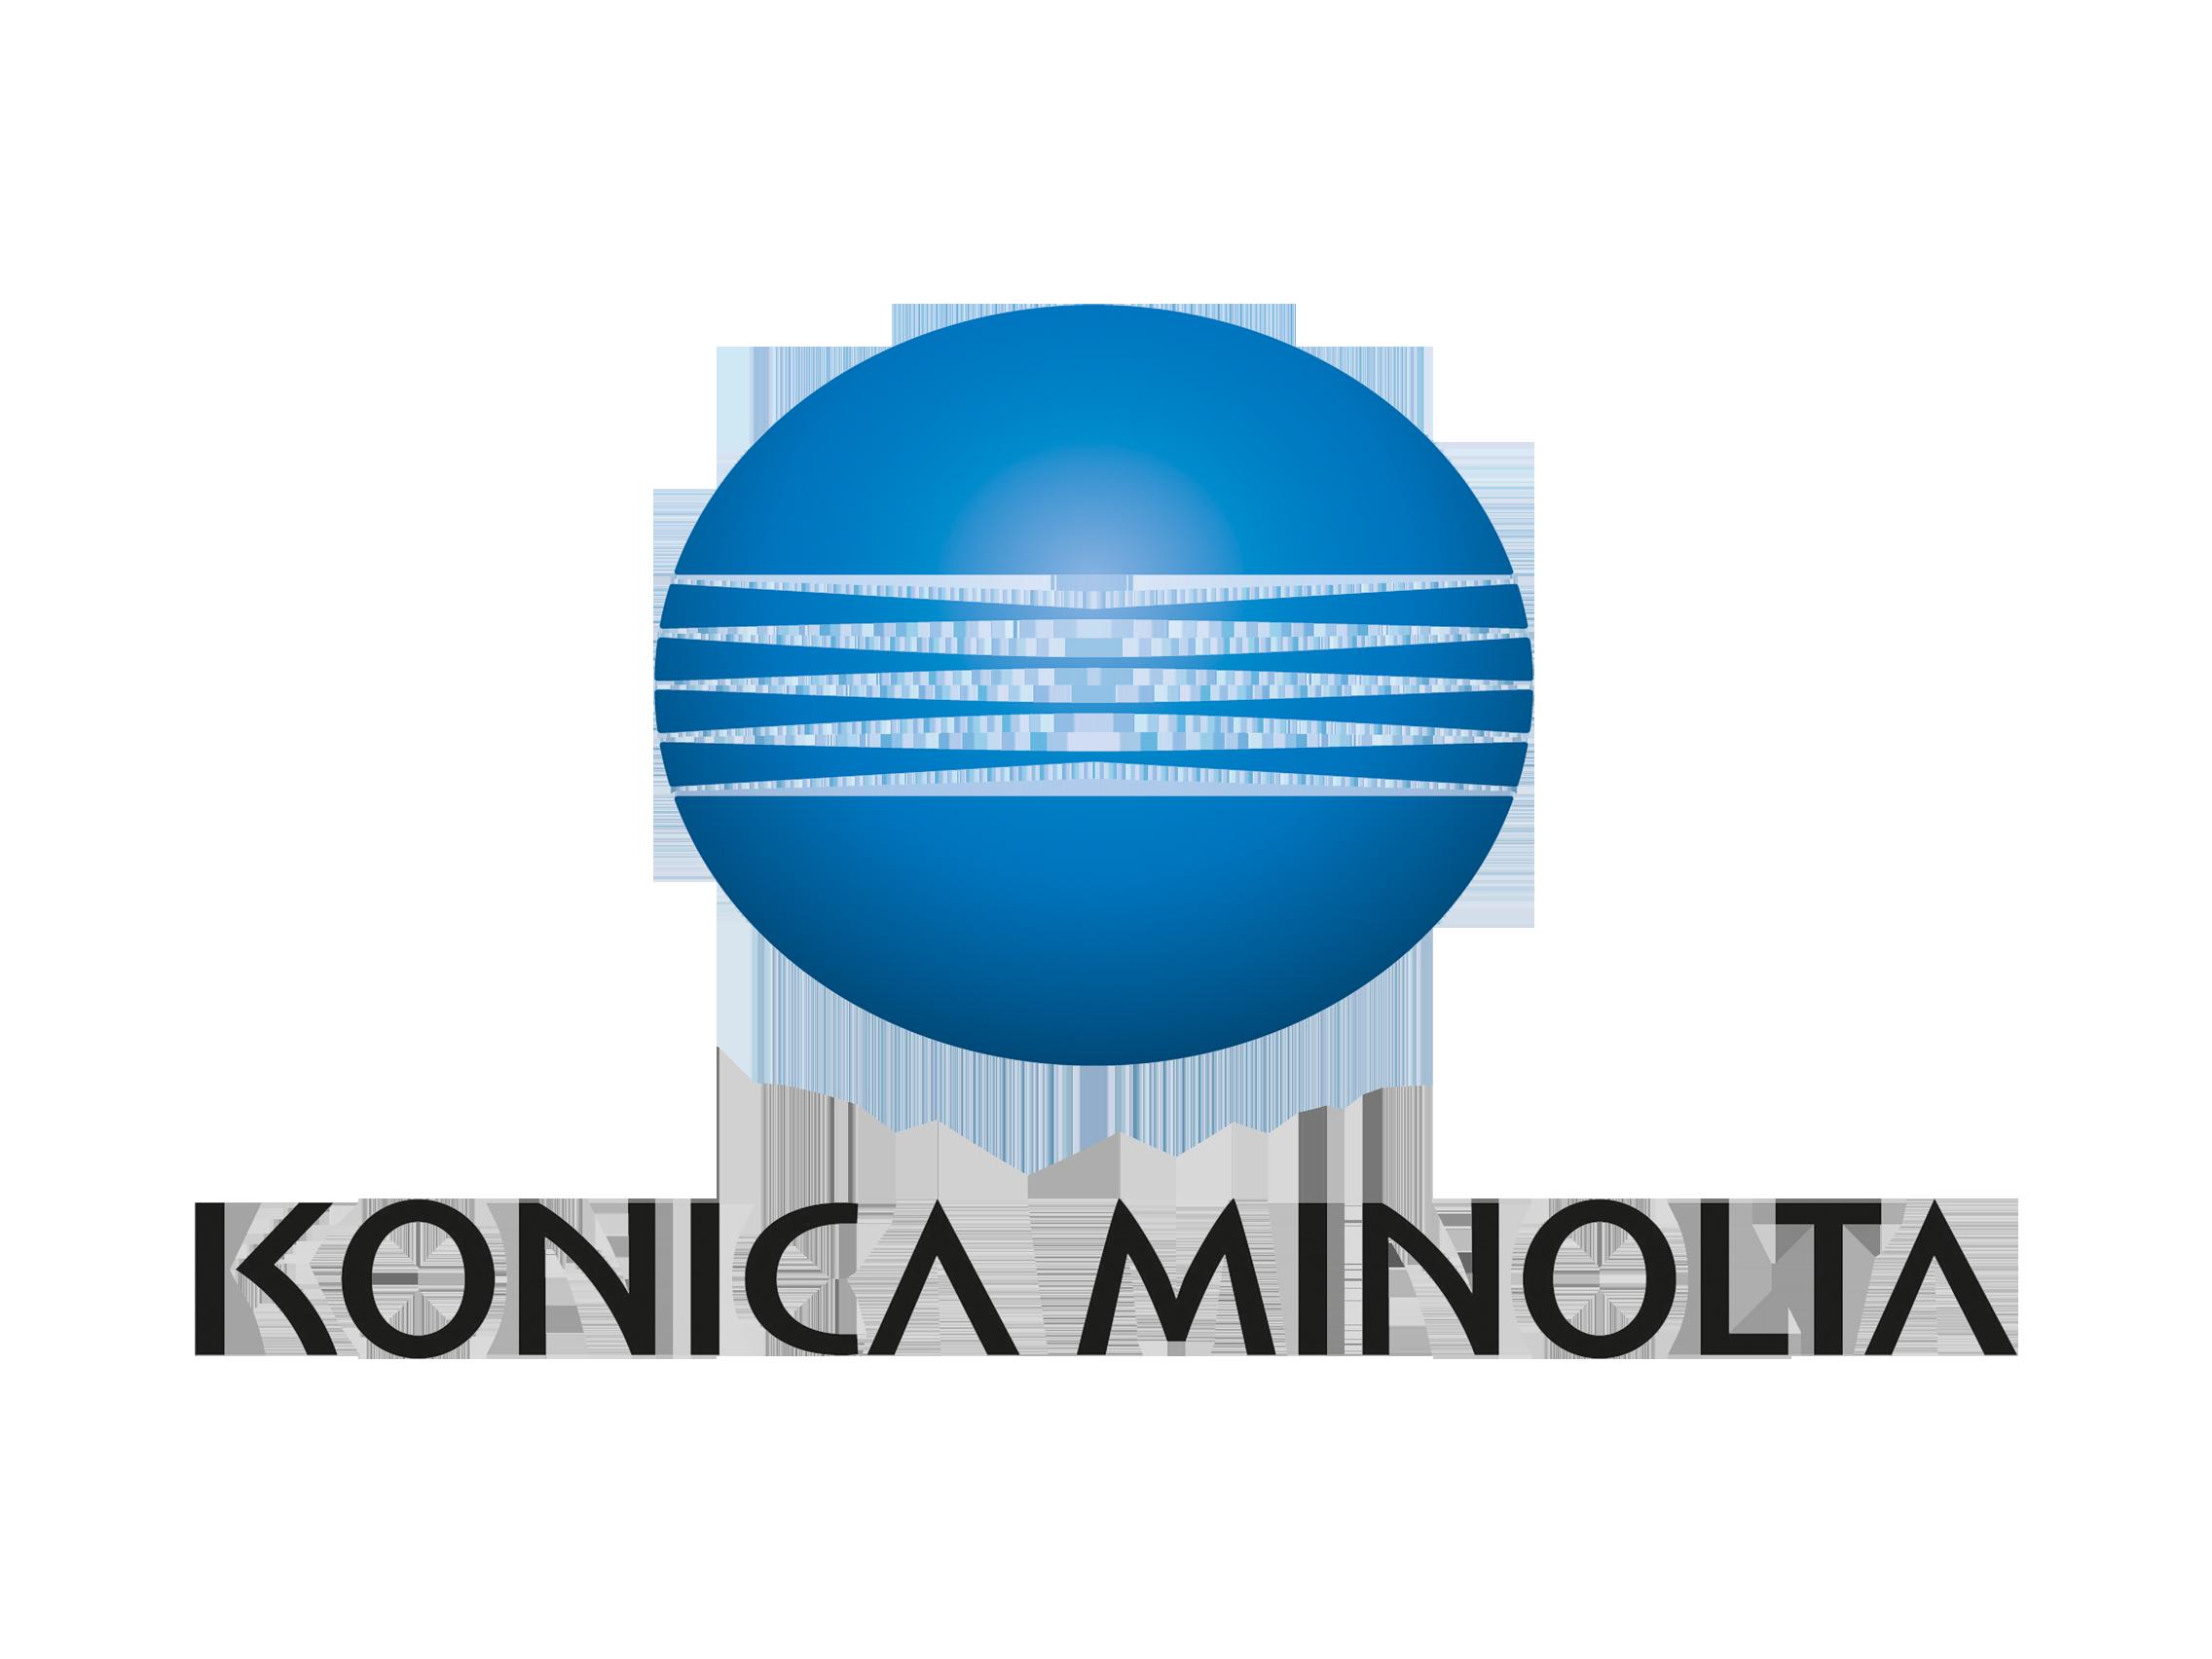 Konica-Minolta-logo-and-wordmark (1).png